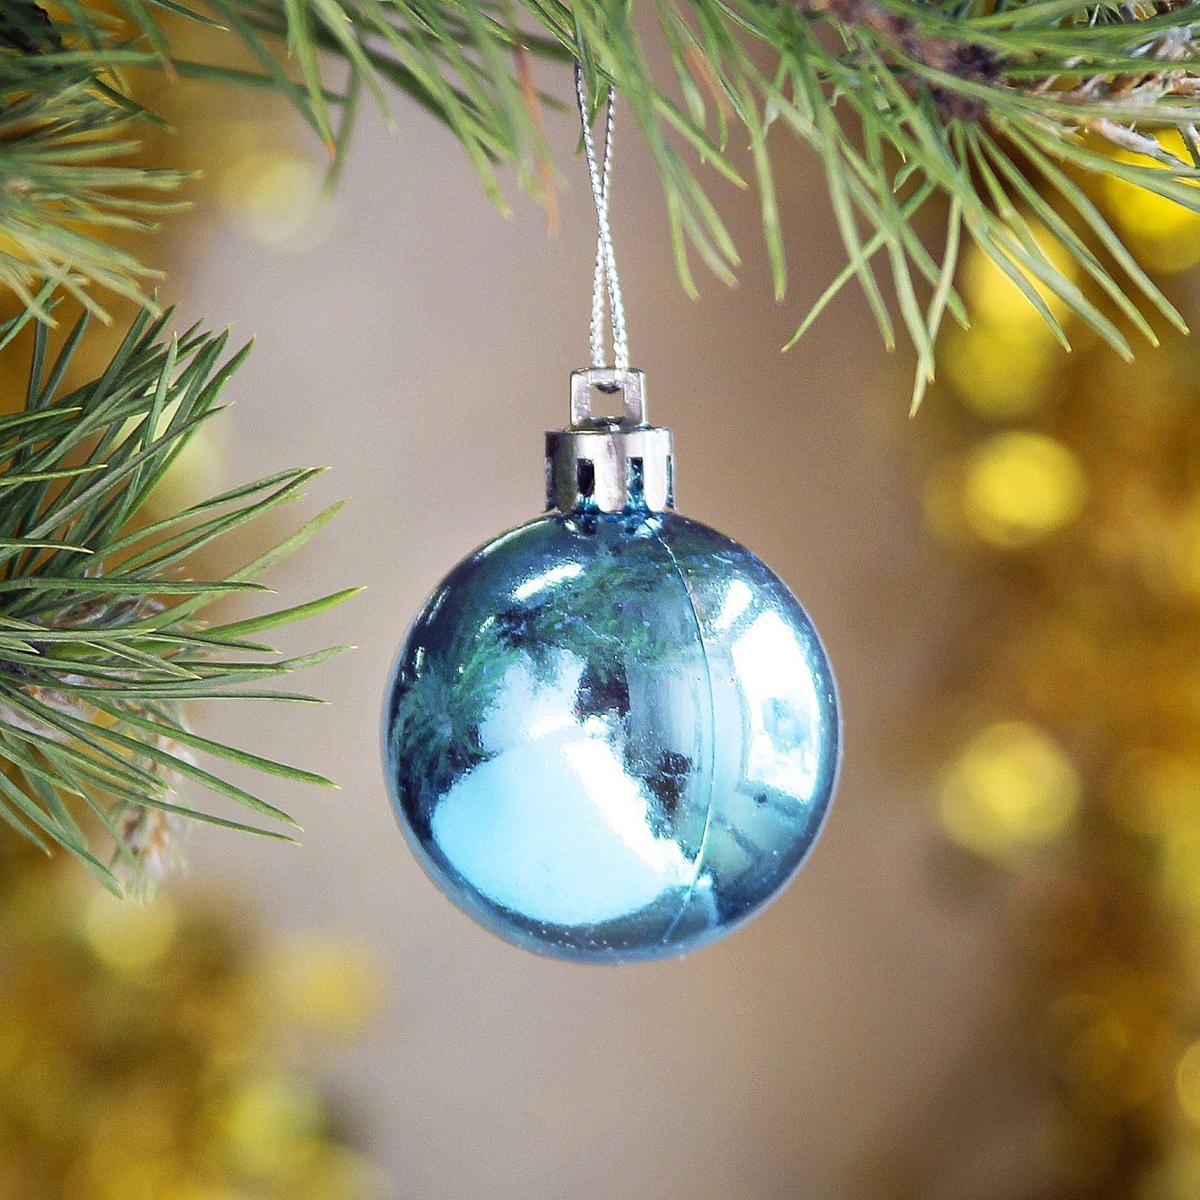 Набор новогодних подвесных украшений Sima-land Стразинки, диаметр 4 см, 10 шт. 23711712371171Набор новогодних подвесных украшений Sima-land отлично подойдет для декорации вашего дома и новогодней ели. Новогодние украшения можно повесить в любом понравившемся вам месте. Но, конечно, удачнее всего они будет смотреться на праздничной елке.Елочная игрушка - символ Нового года. Она несет в себе волшебство и красоту праздника. Такое украшение создаст в вашем доме атмосферу праздника, веселья и радости.